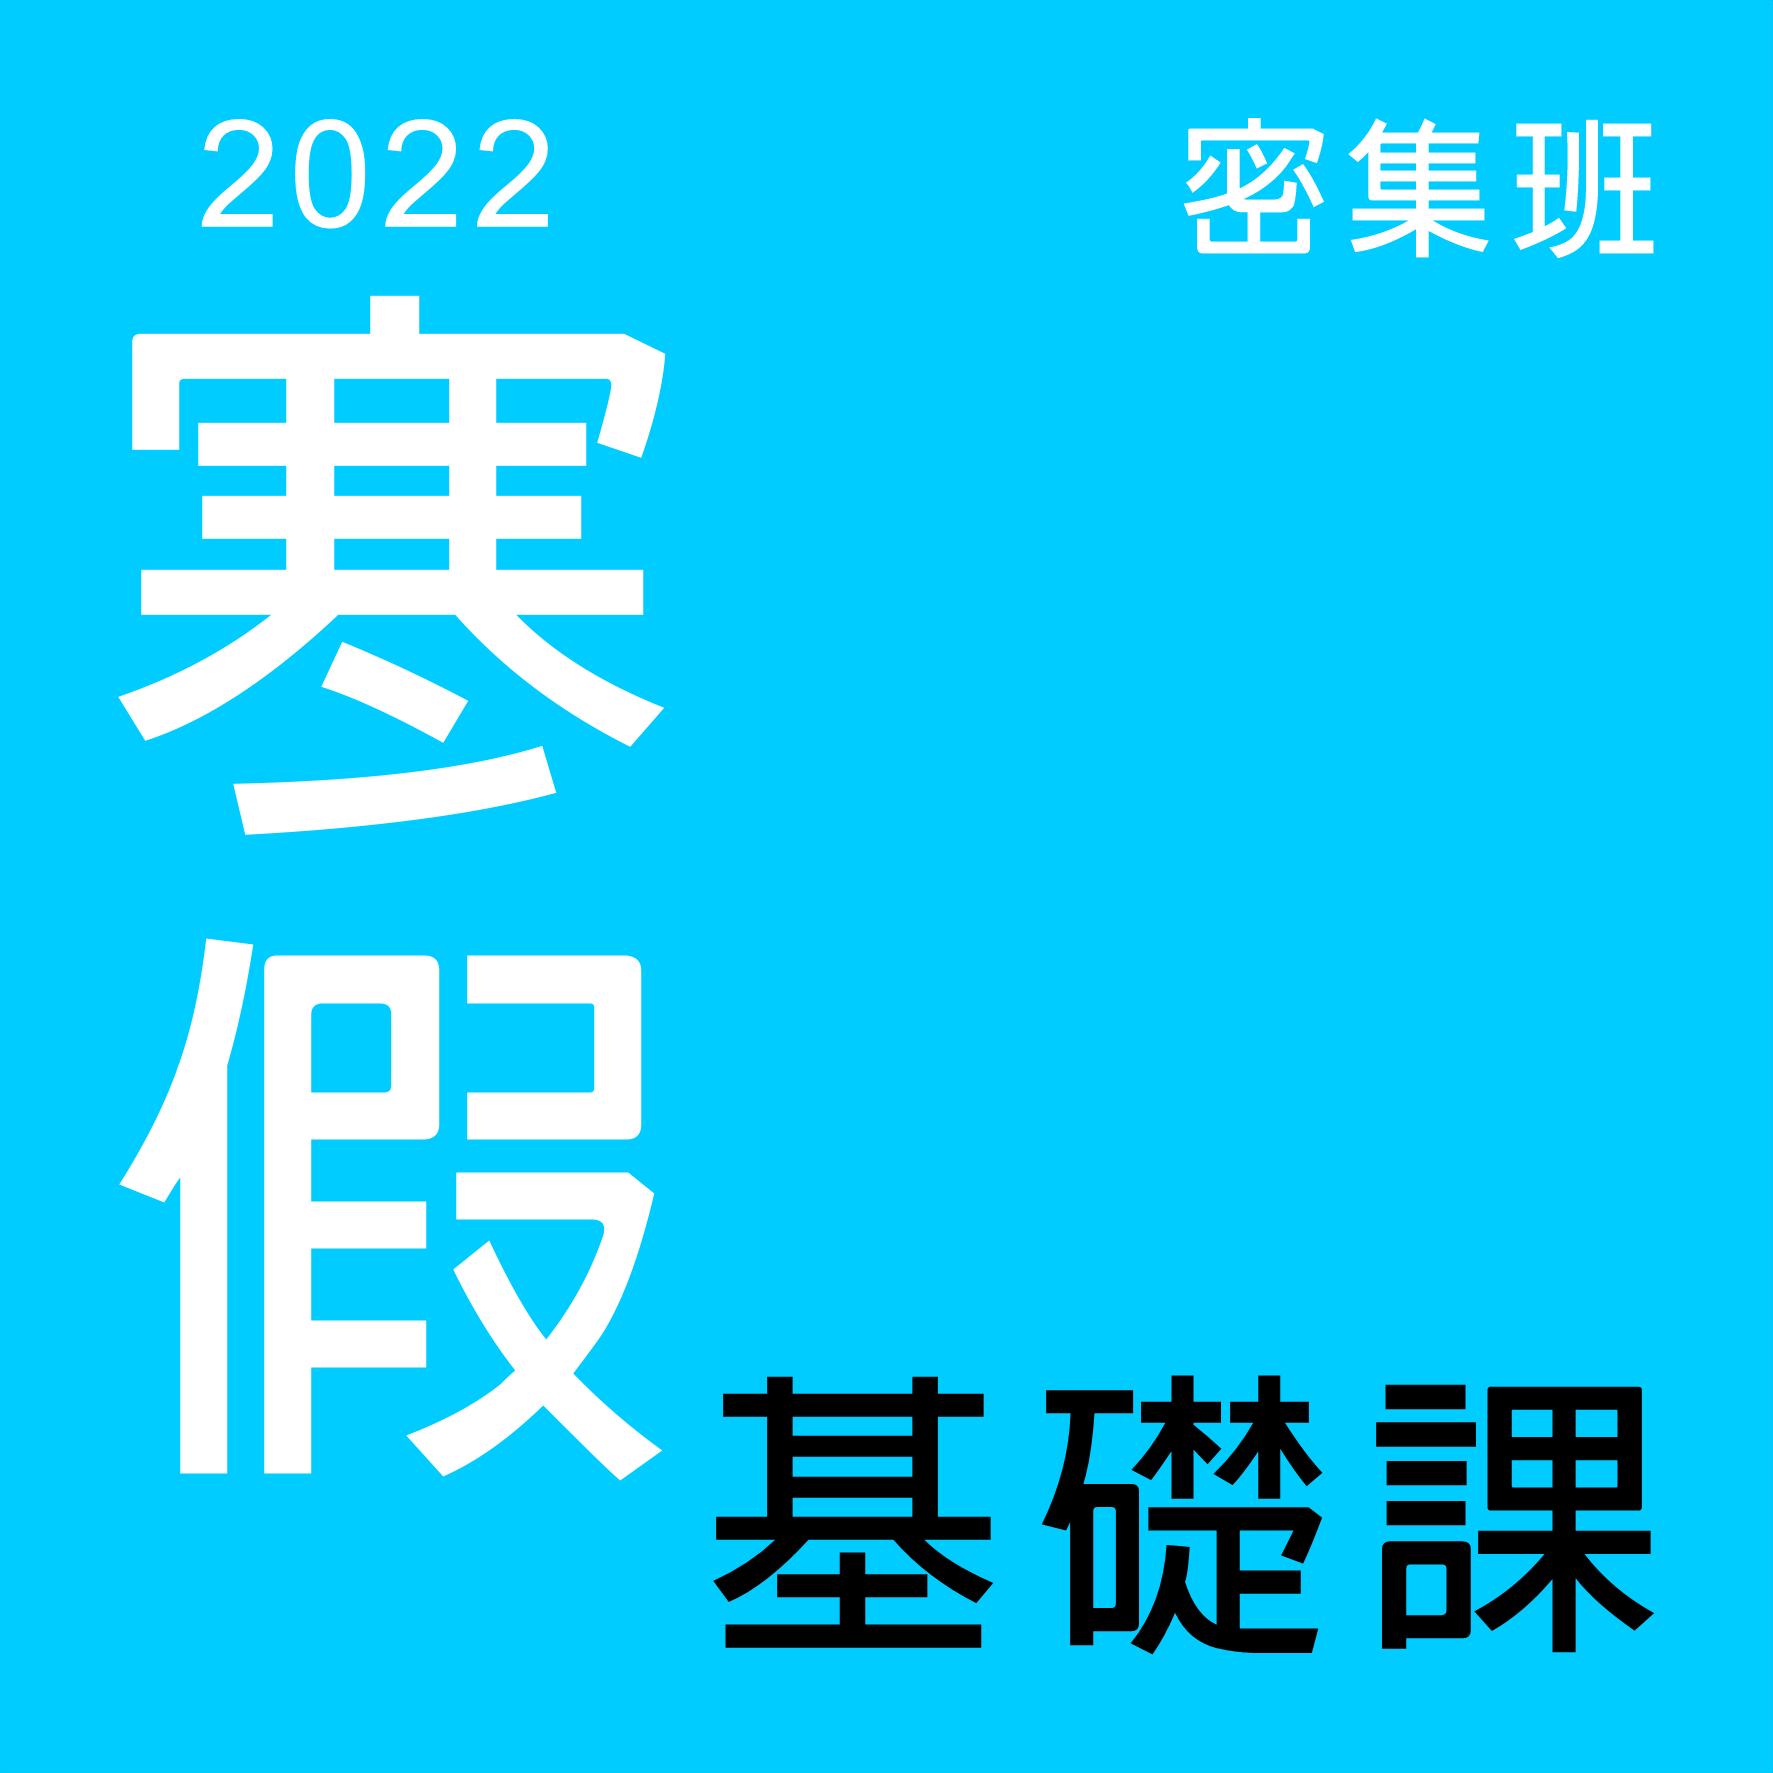 2022 寒假密集班 12天